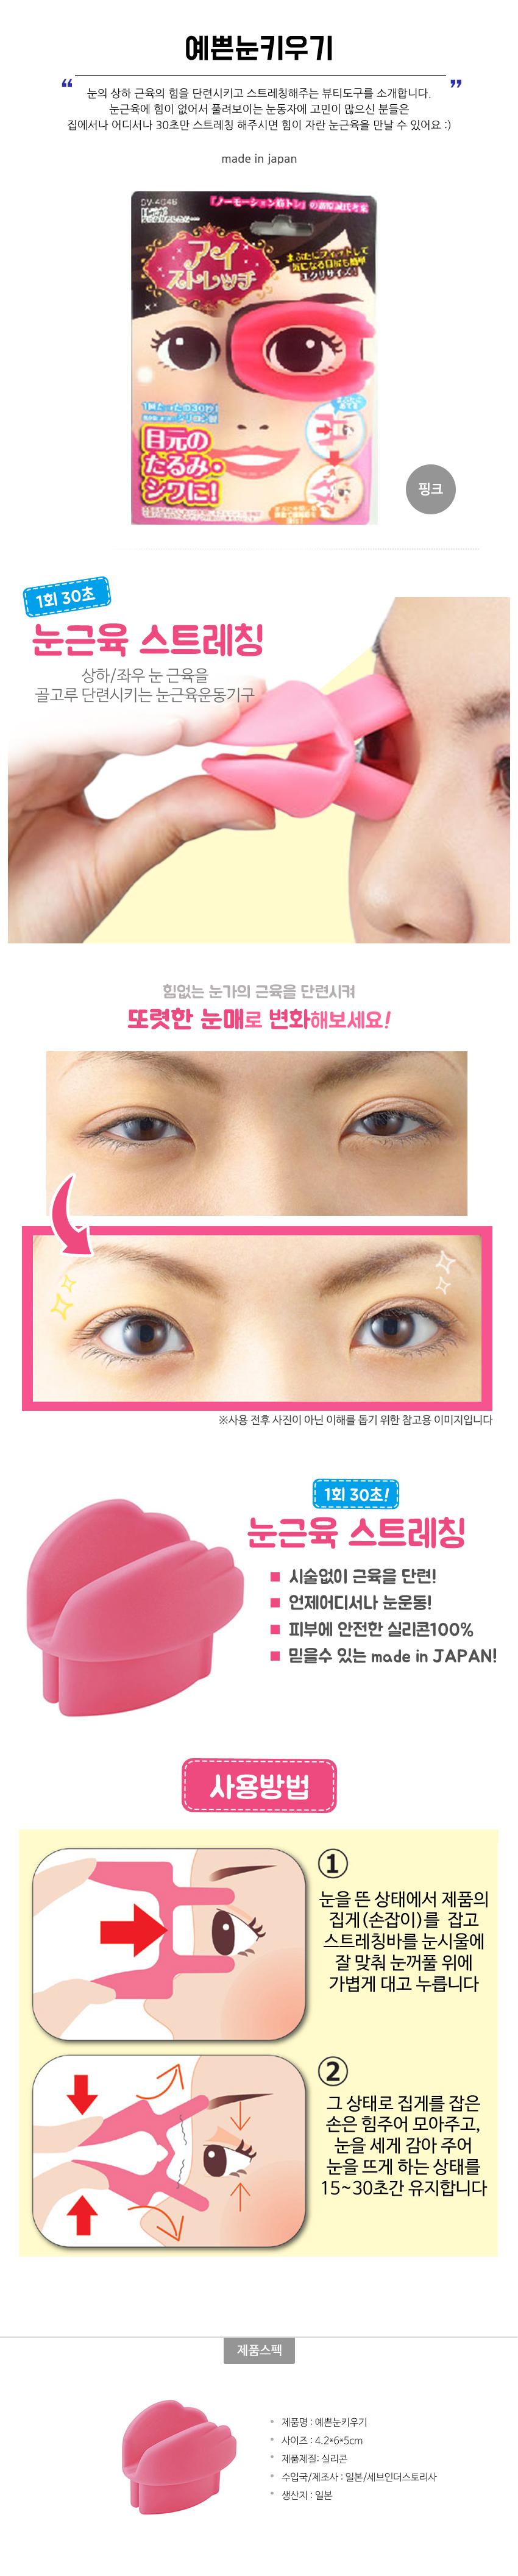 눈안마 스트레칭 예쁜눈 키우기 눈키우기 눈스트레칭 눈근육발달 눈뷰티도구 눈근육스트레칭 눈근육운동기구 실리콘눈운동기구 예쁜눈운동기구 셀프눈운동기구 가정용눈운동기구